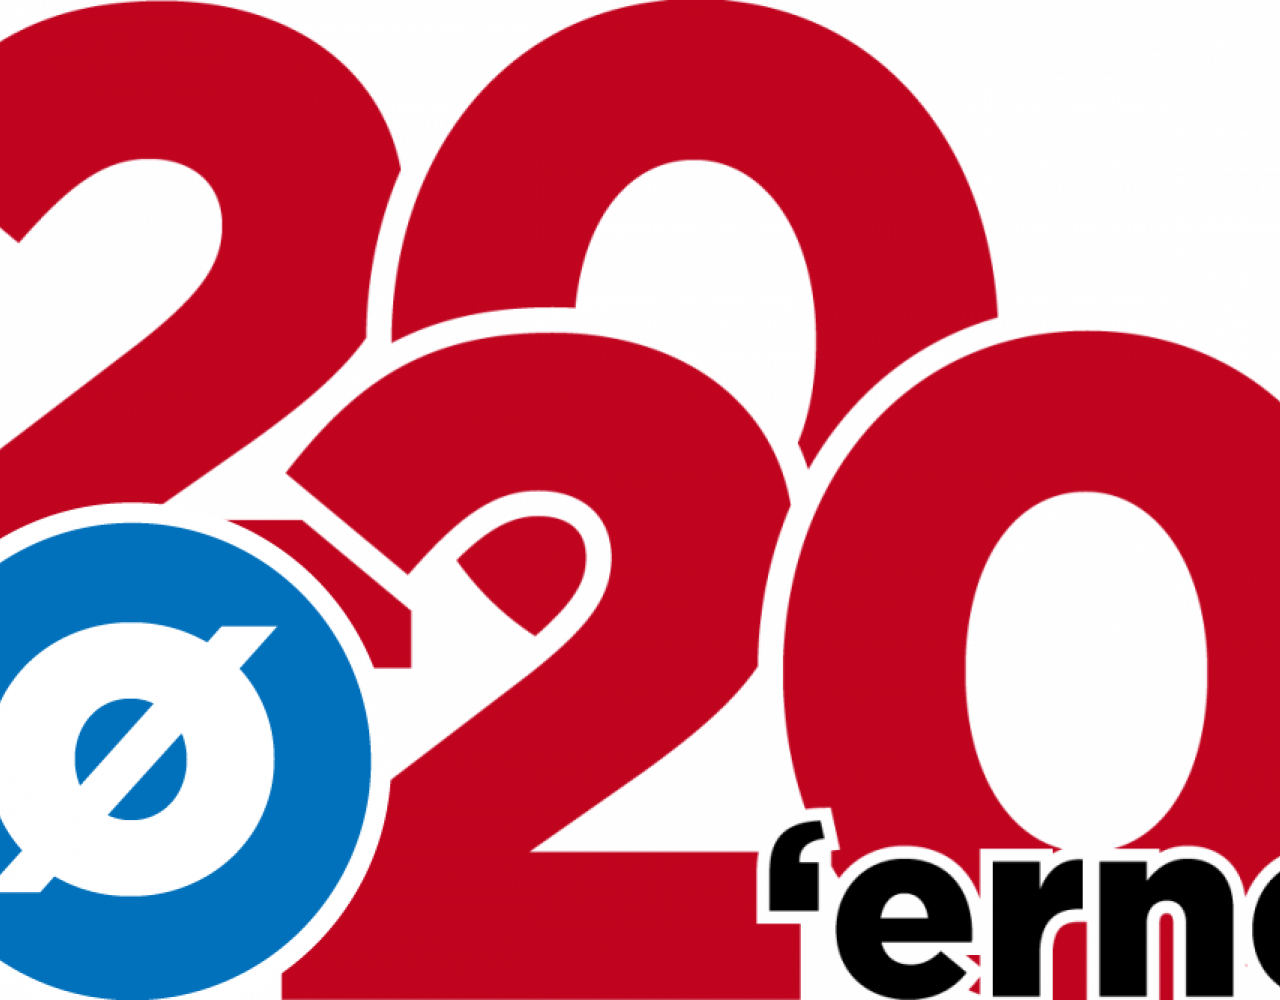 2020erne Enhedslisten liste Ø